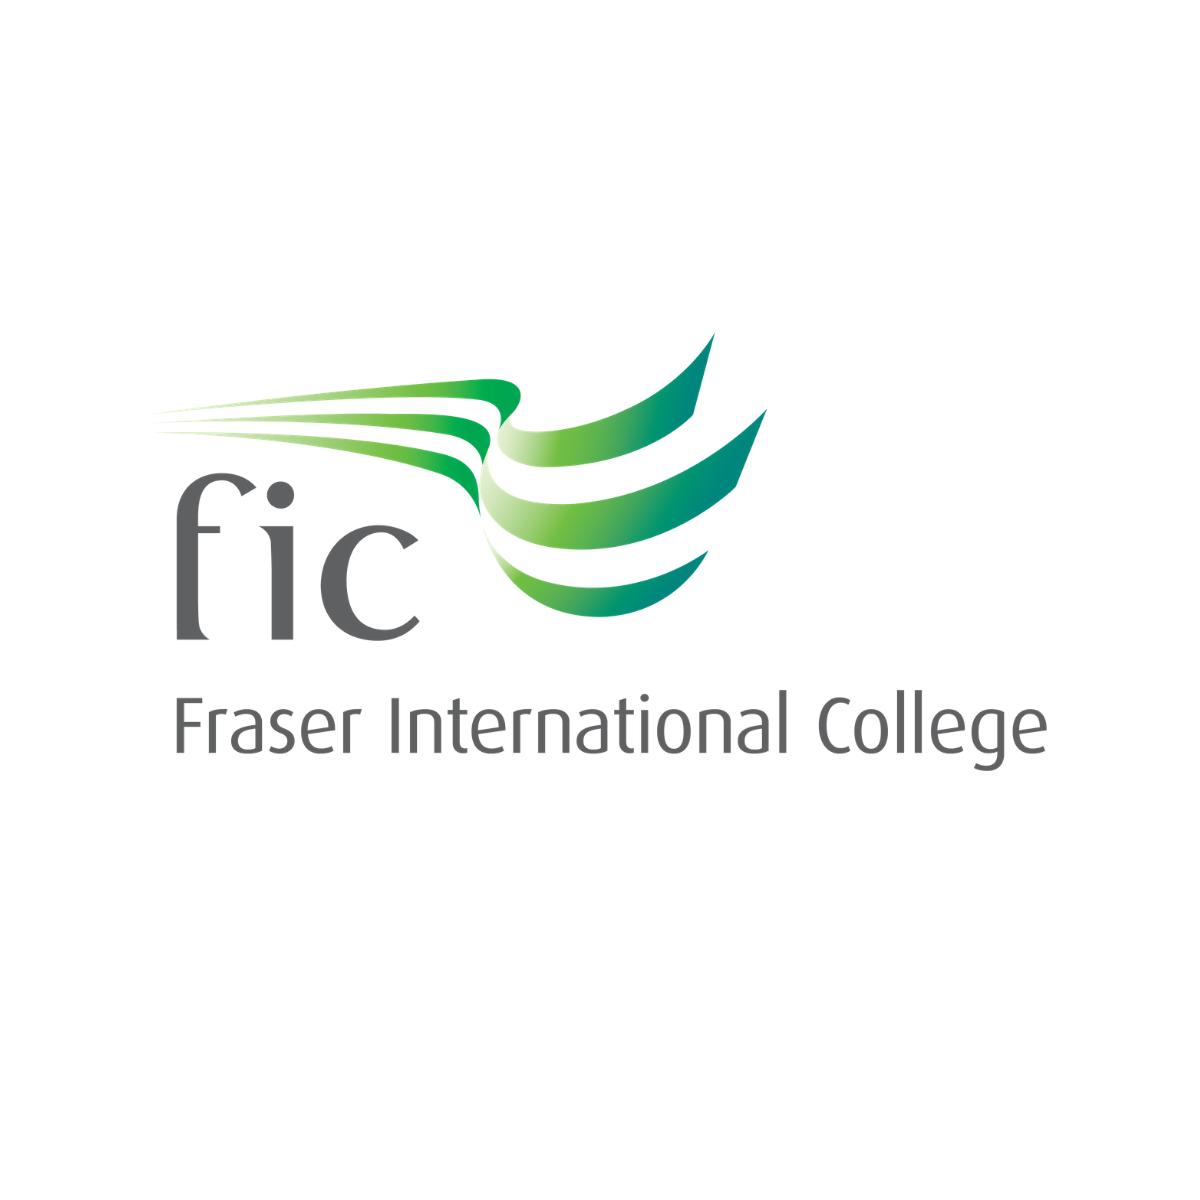 Fraser International College (FIC) Logo Image